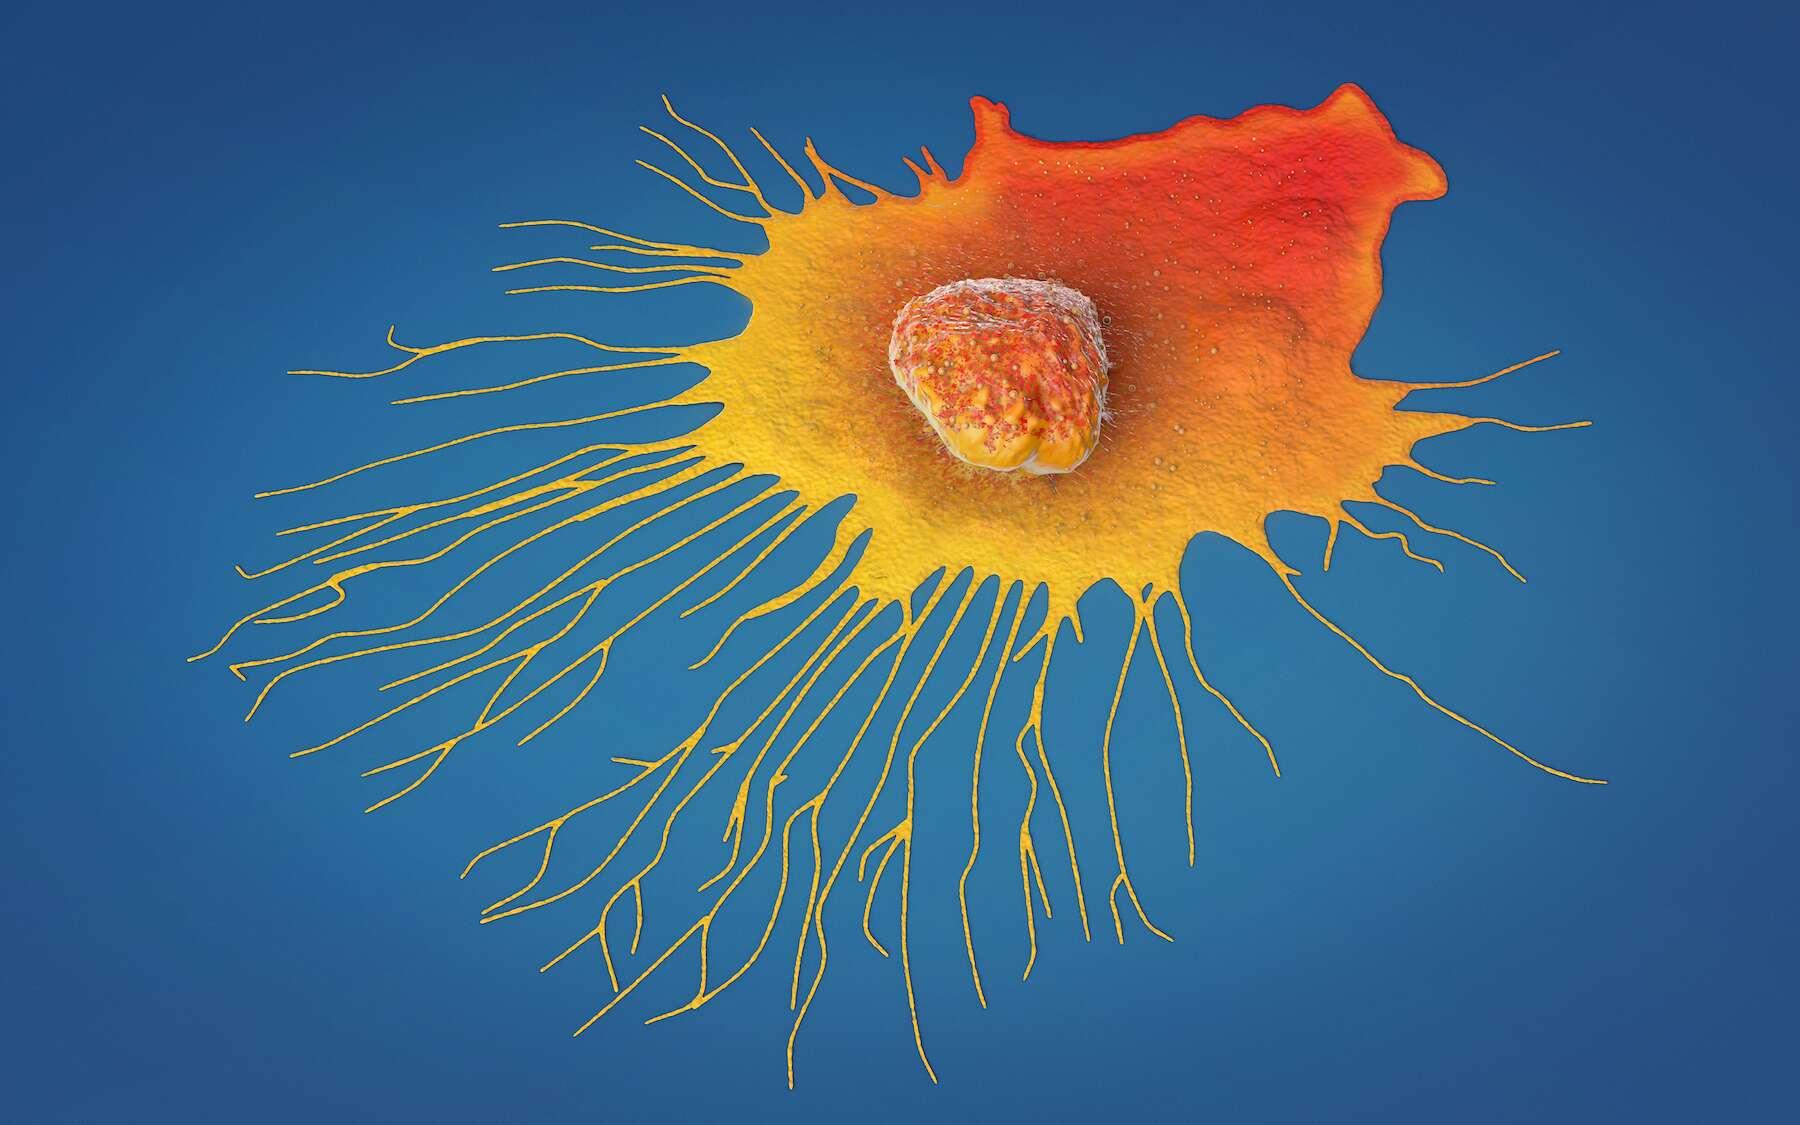 Les cancers les plus fréquents et les plus mortels en France. © Christoph Burgstedt, Adobe Stock